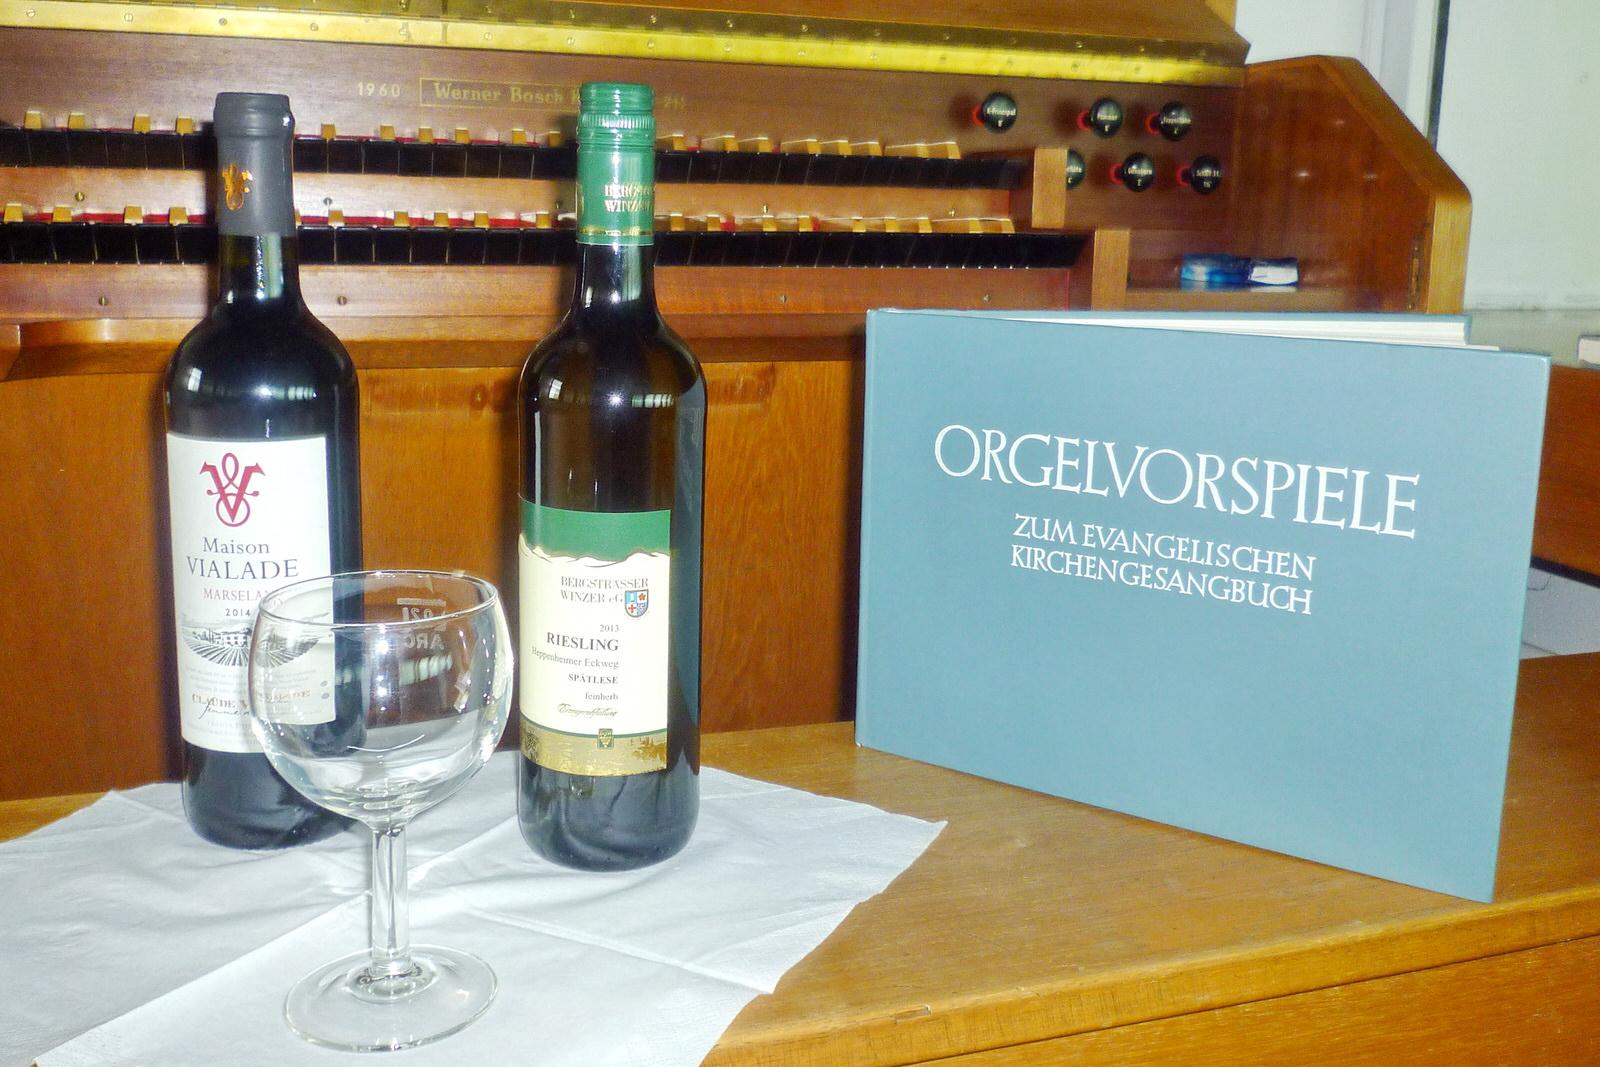 Orgel und Wein